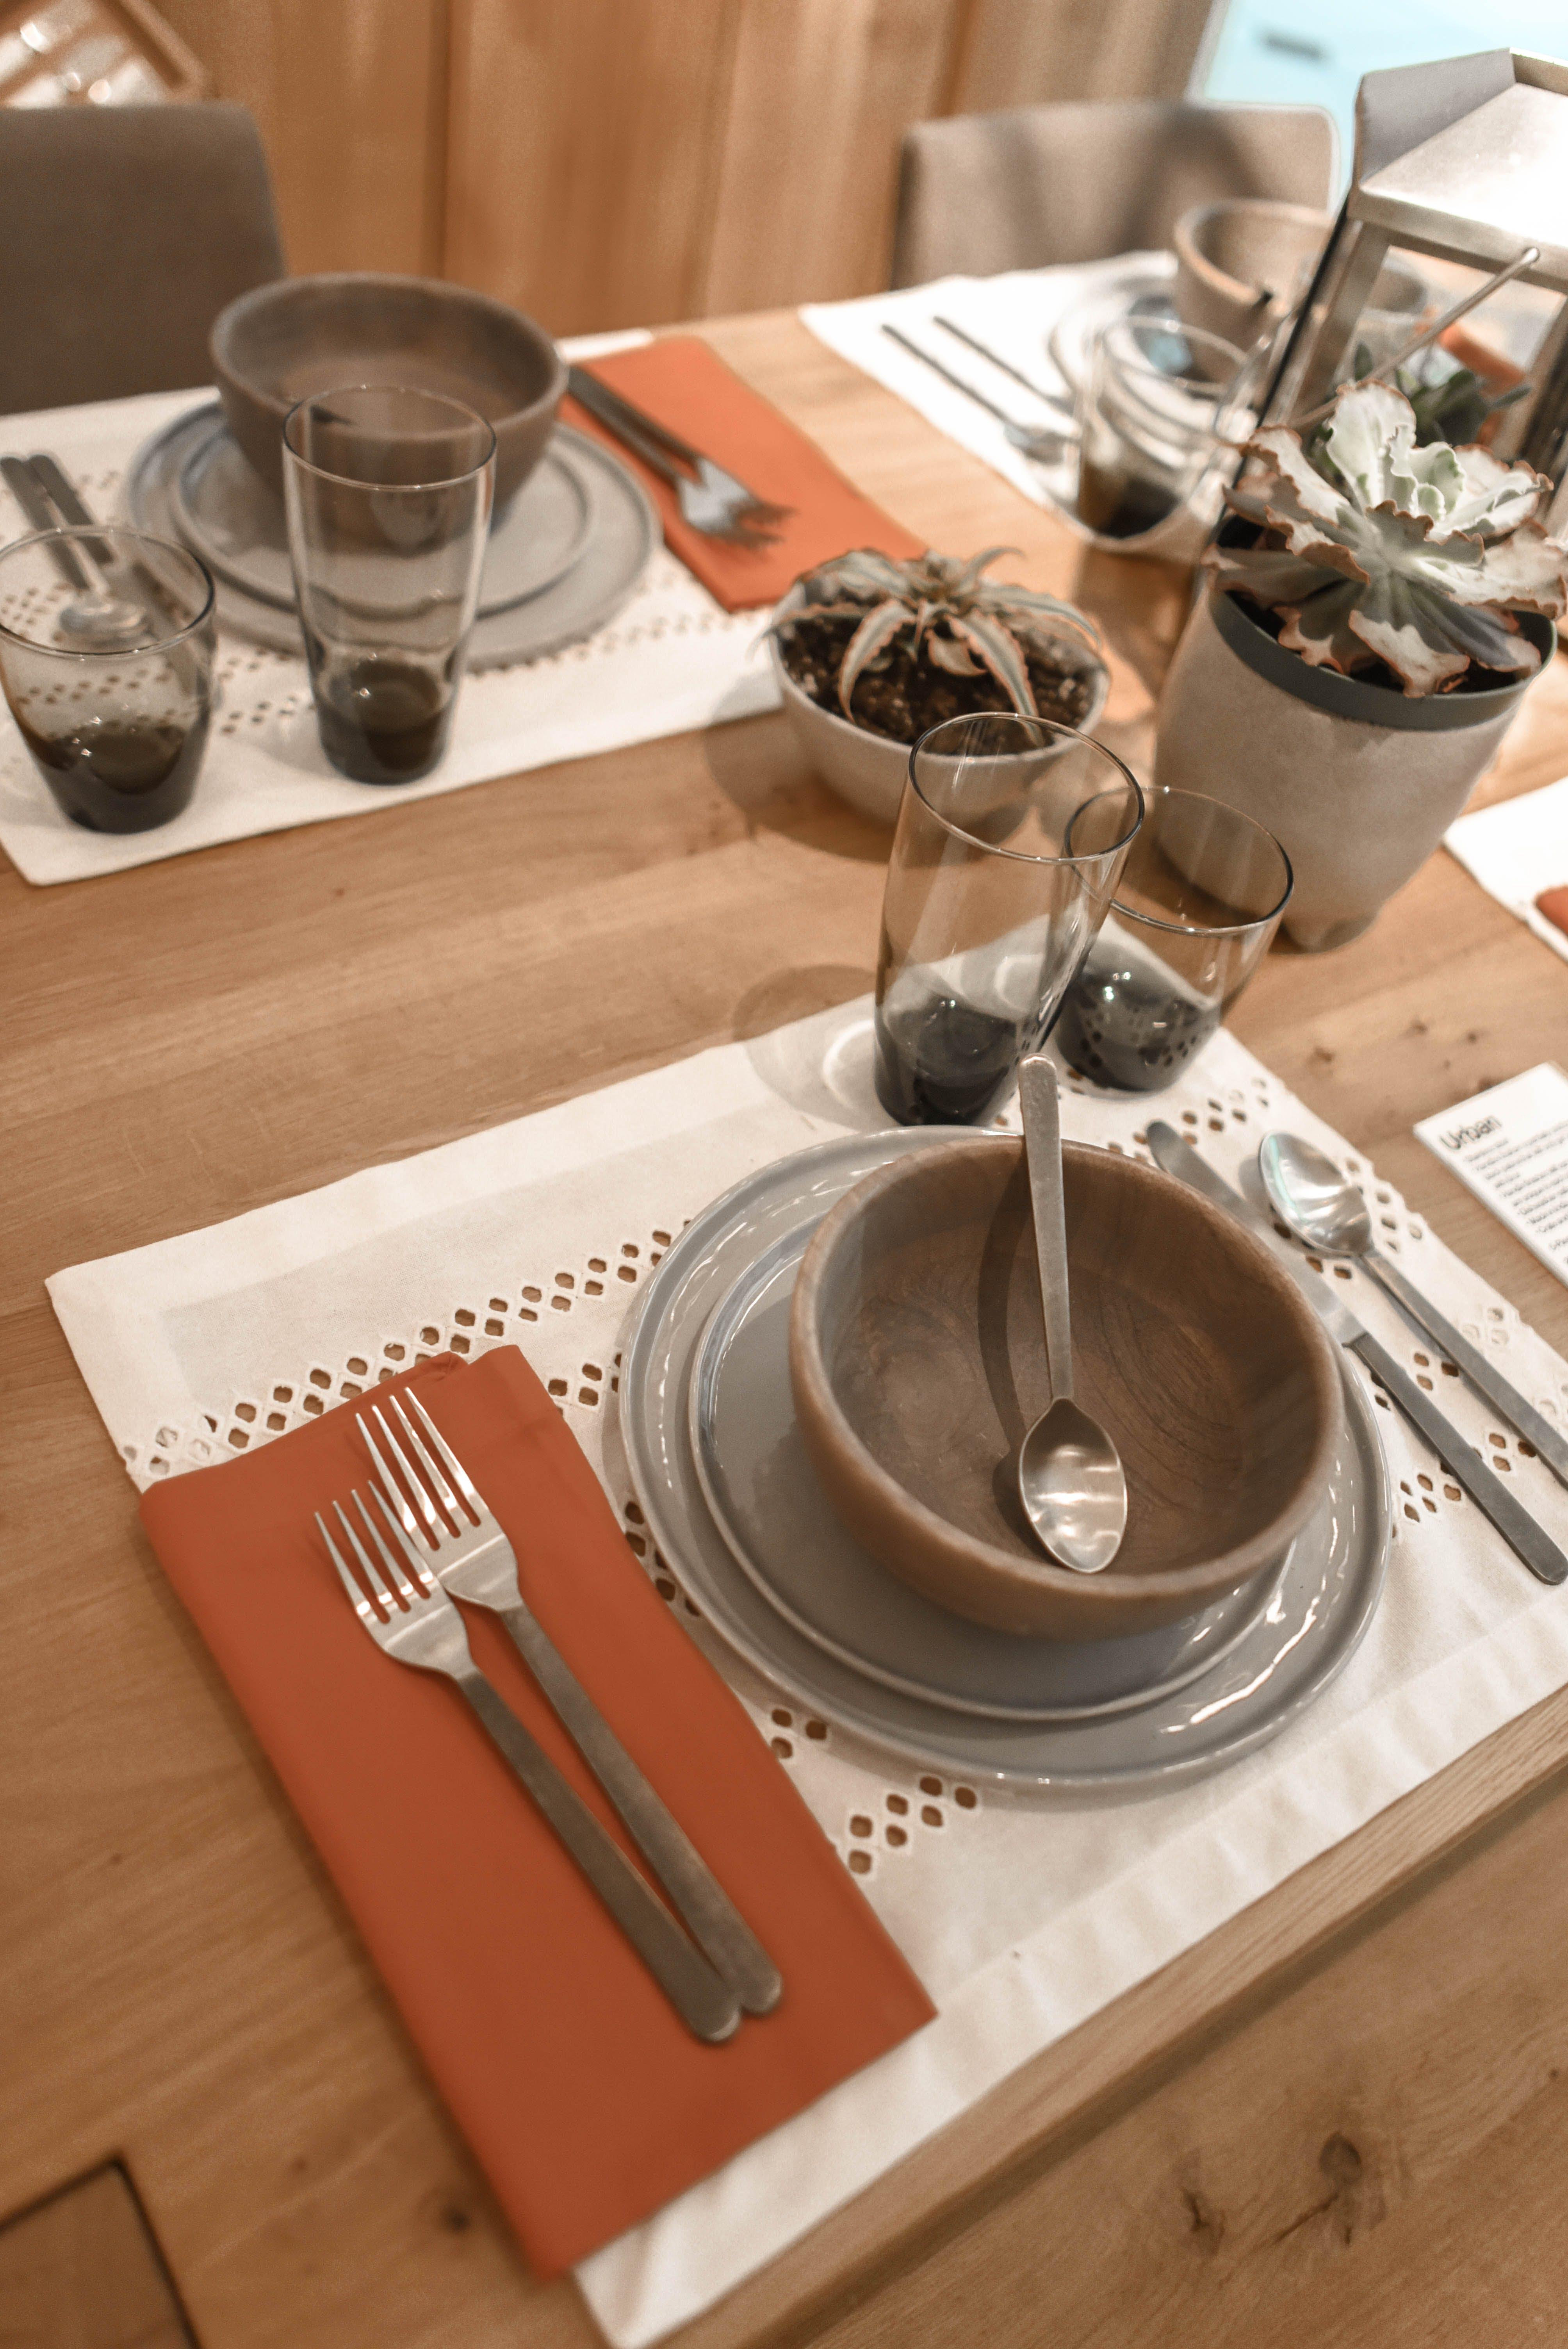 Kostnadsfri bild av anläggning, drycker, gafflar, inomhus